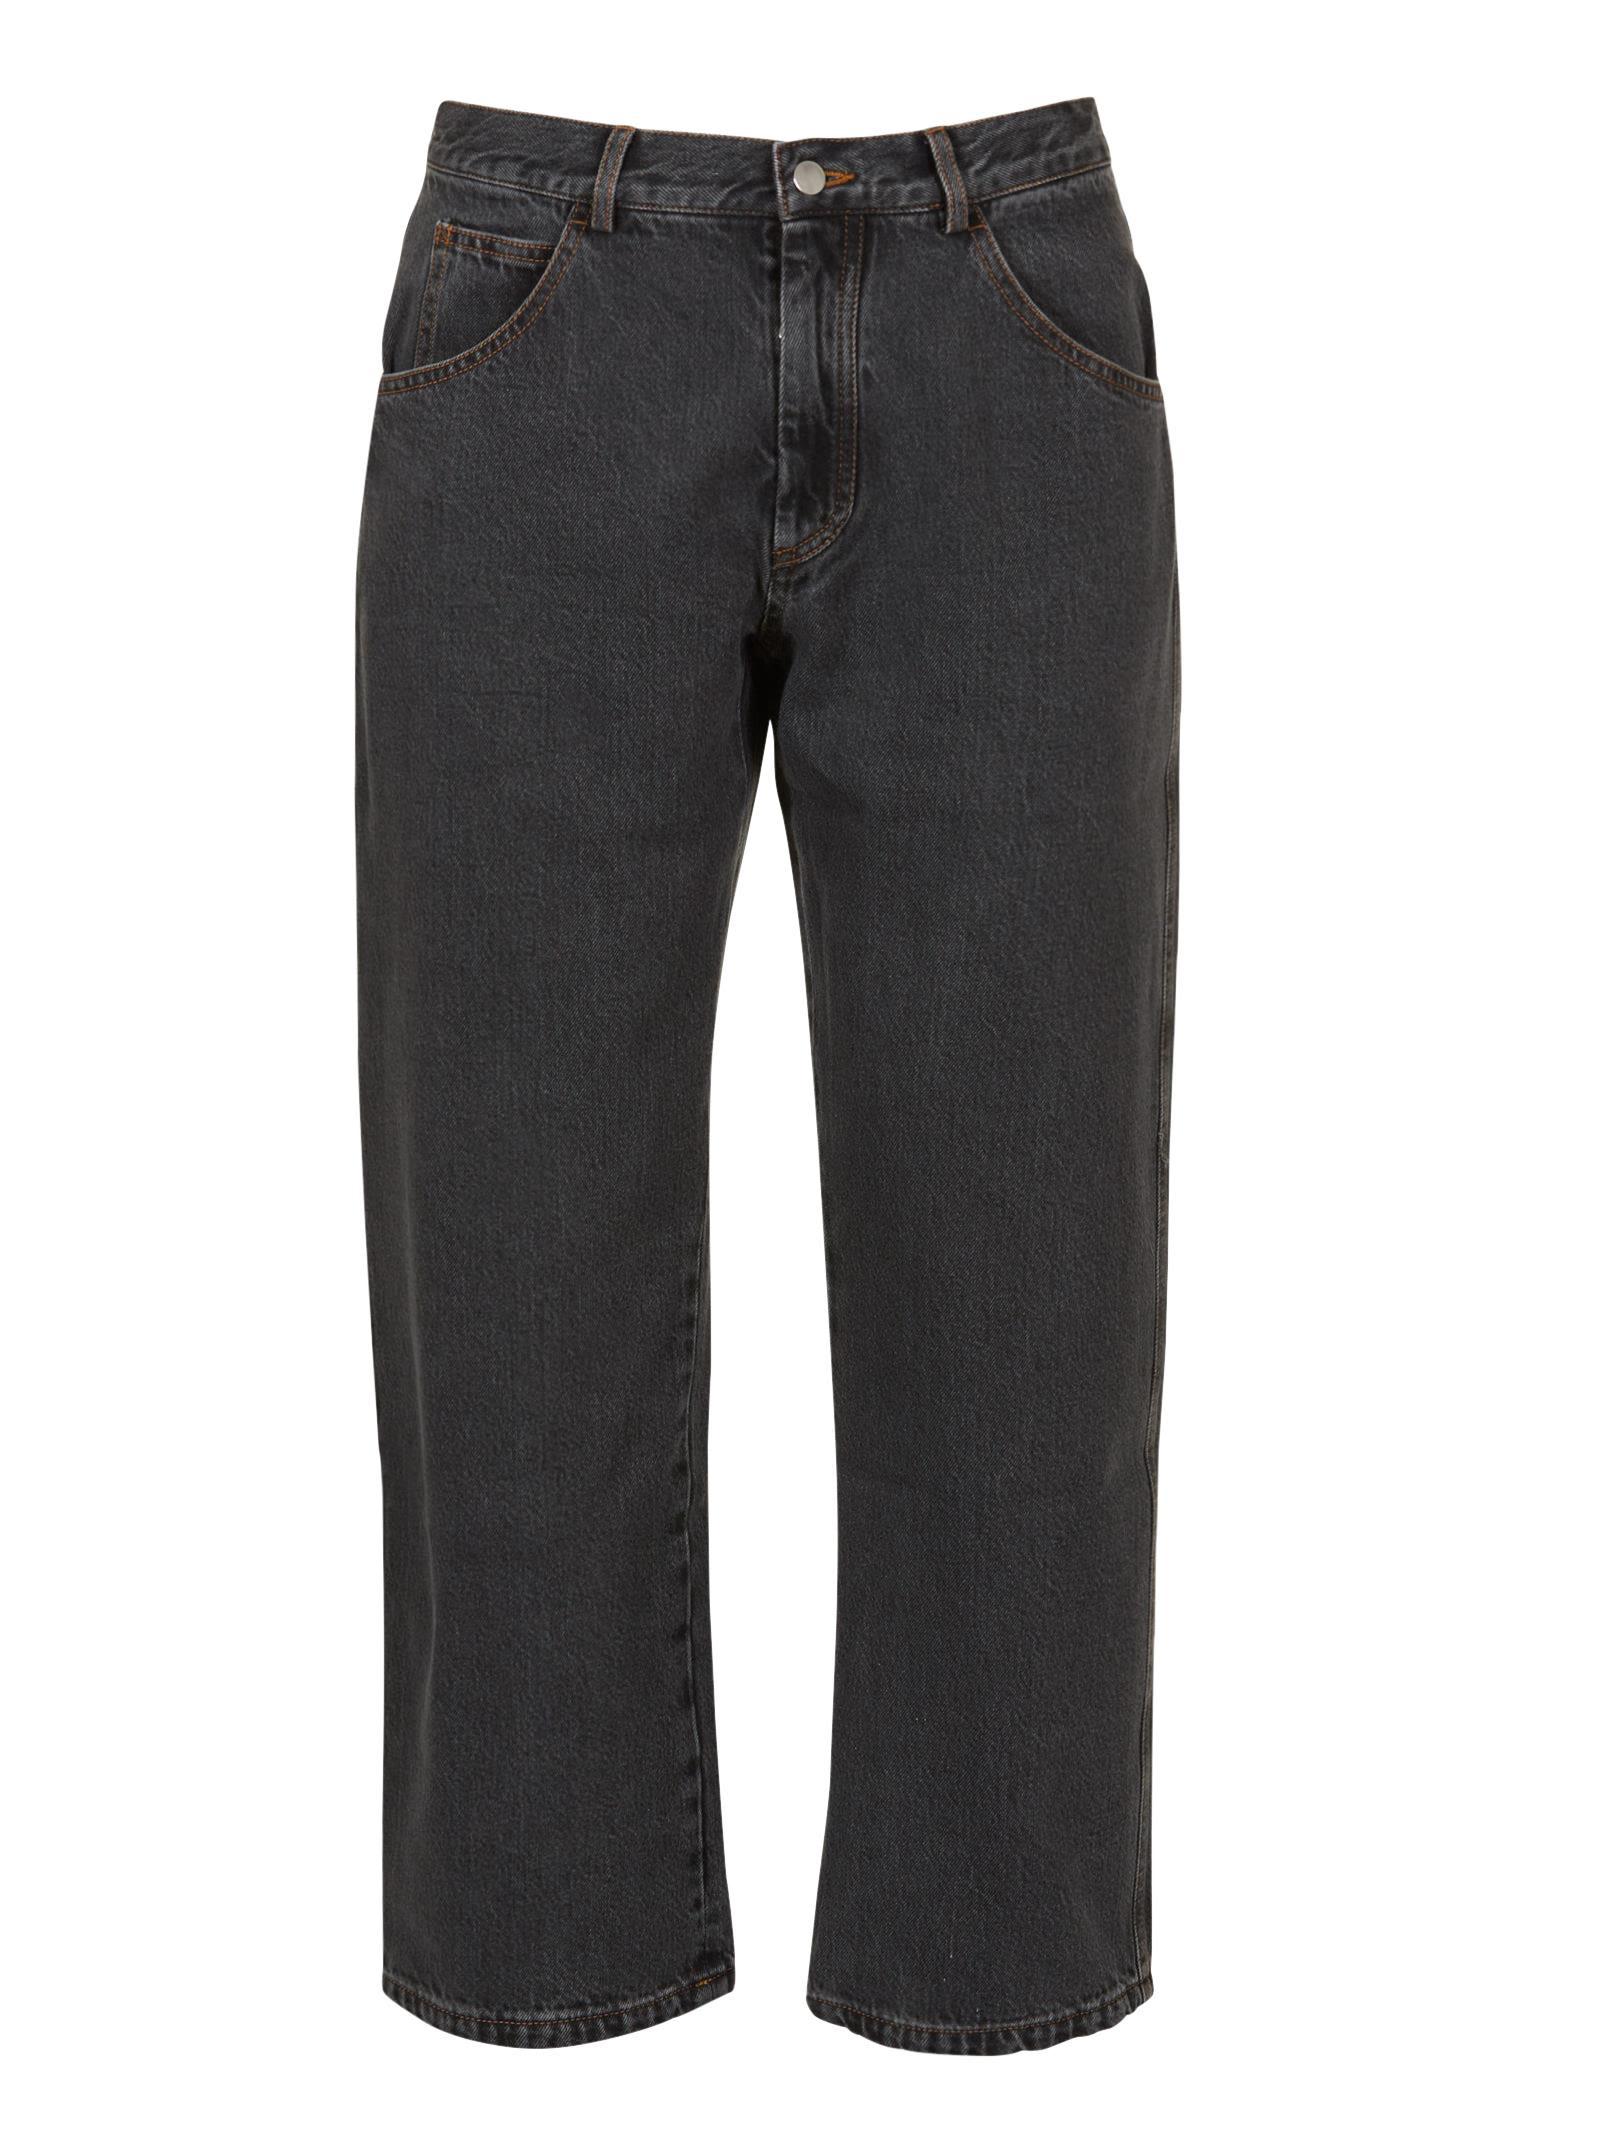 Gosha Rubchinskiy Washed Denim Jeans